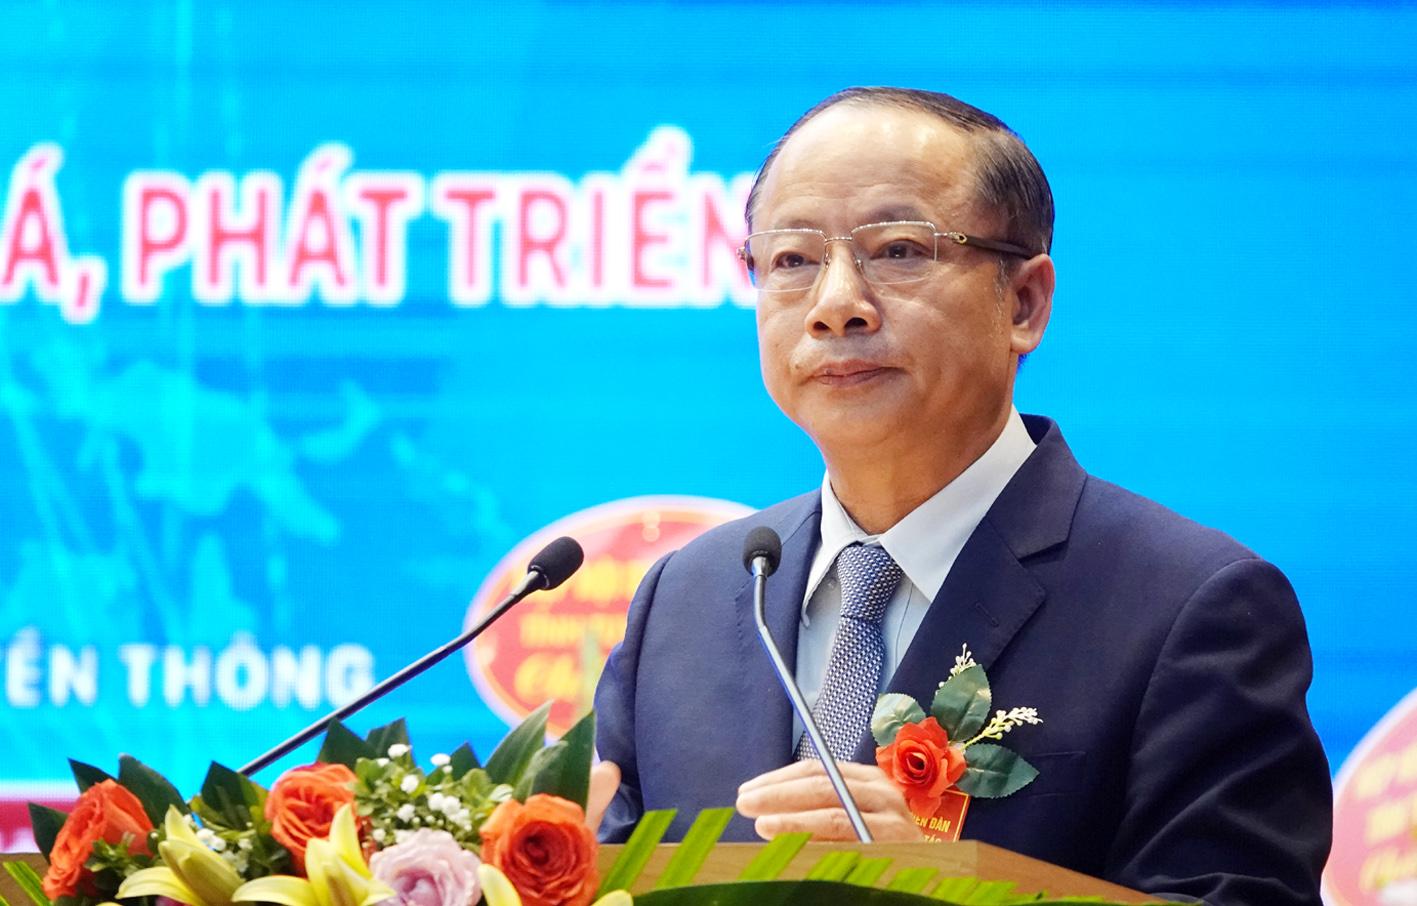 Chủ tịch VINASME Nguyễn Văn Thân phát biểu khai mạc tại Diễn đàn.